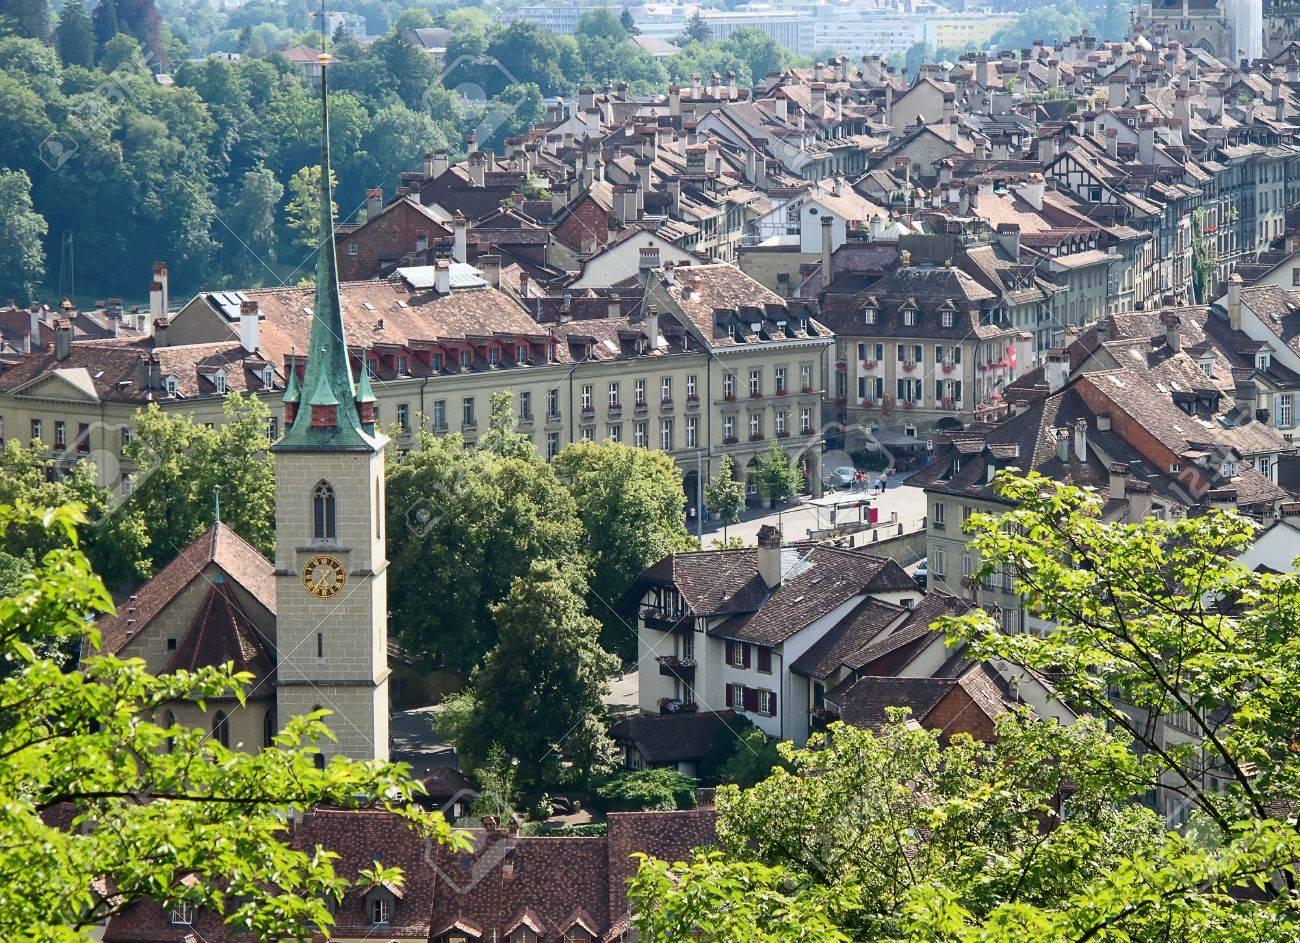 ベルン 首都 西ヨーロッパに行くならスイス!首都ベルンの市街地の見どころと気をつけるポイントは?